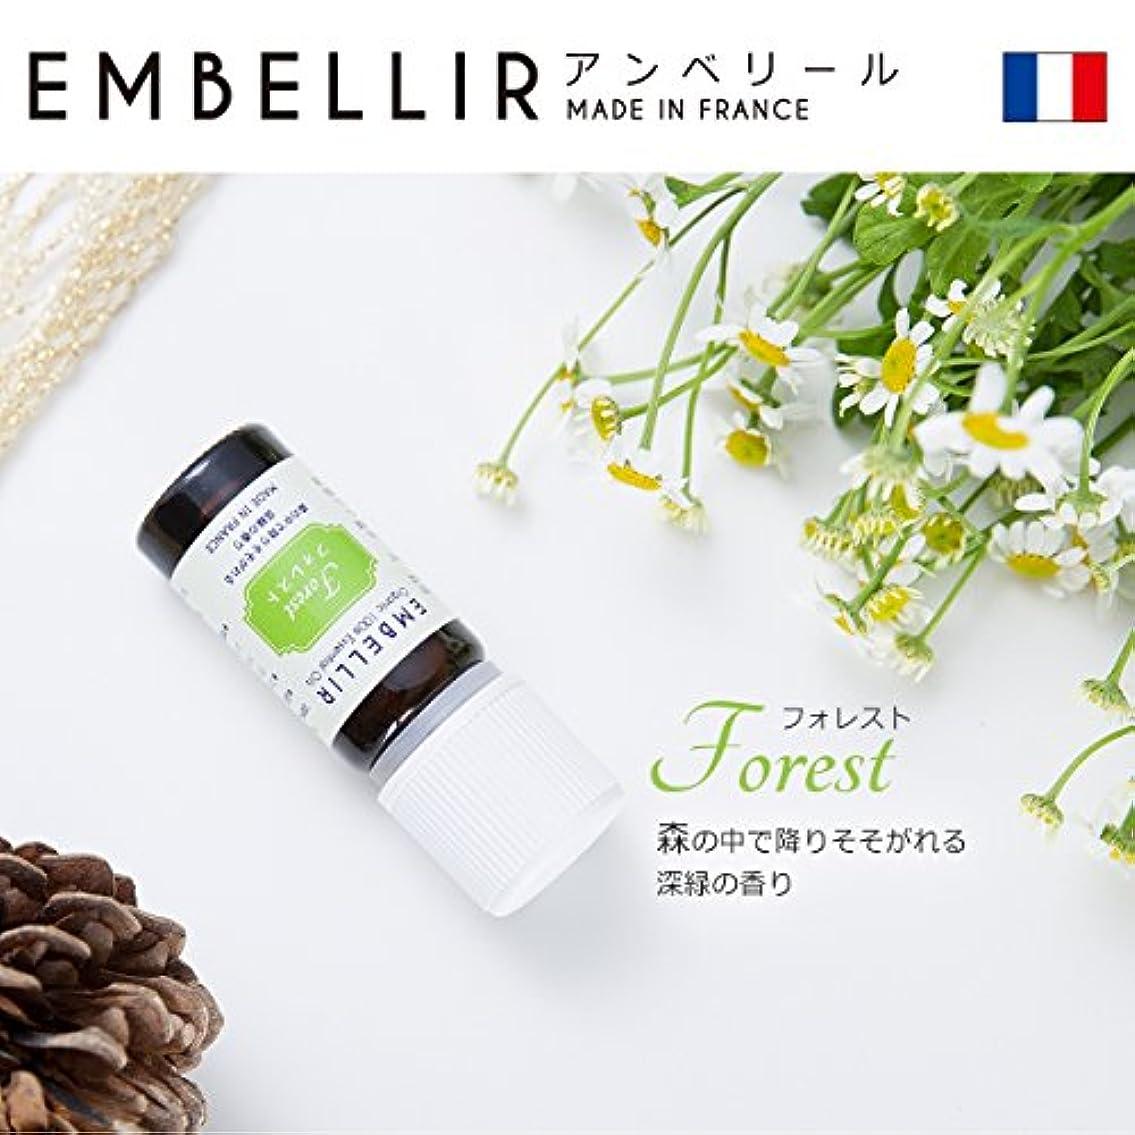 無実コンペプレゼンターWY エッセンシャルオイル フランス産 オーガニック100% アロマオイル 全4種類 WY-AROMA (フォレスト)